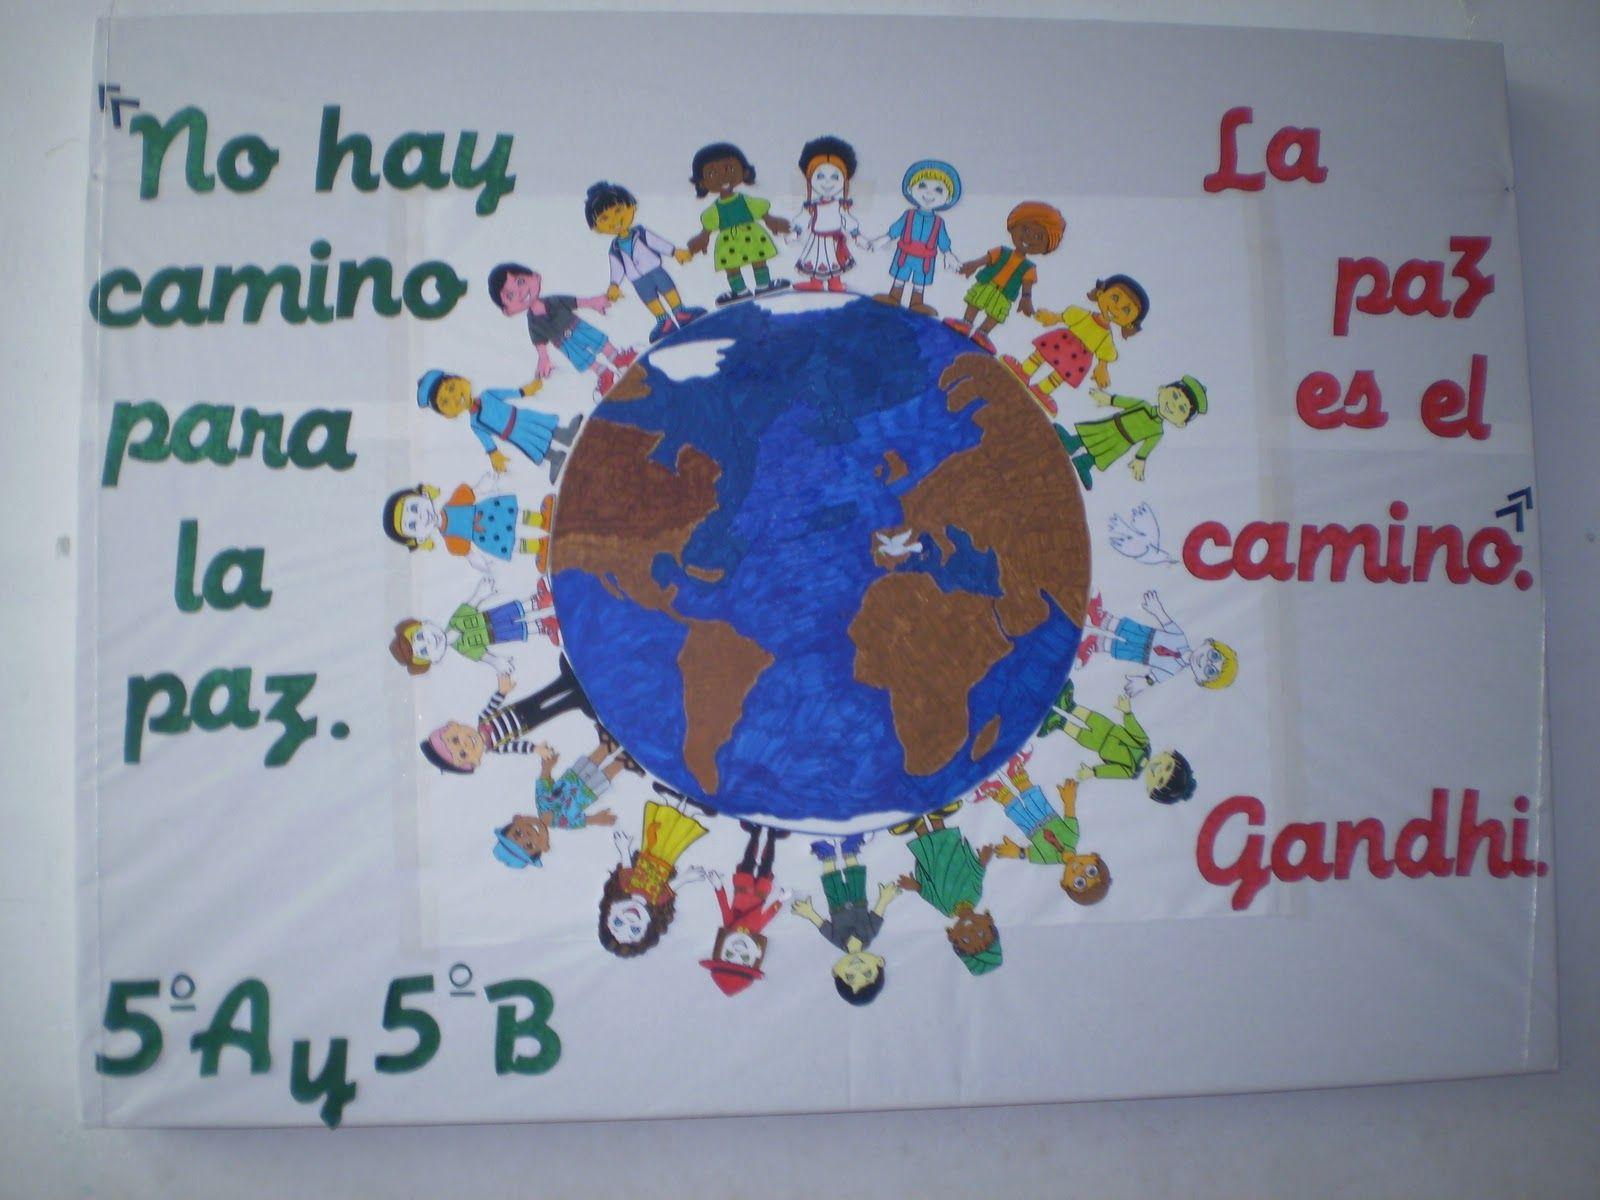 4 Bp Blogspot Com Qgz69s1htm Twan6vbhchi Aaaaaaaaaco Ux7780nq5 Q S1600 P2200019 Jpg Dia De La Paz Paz Paloma De La Paz